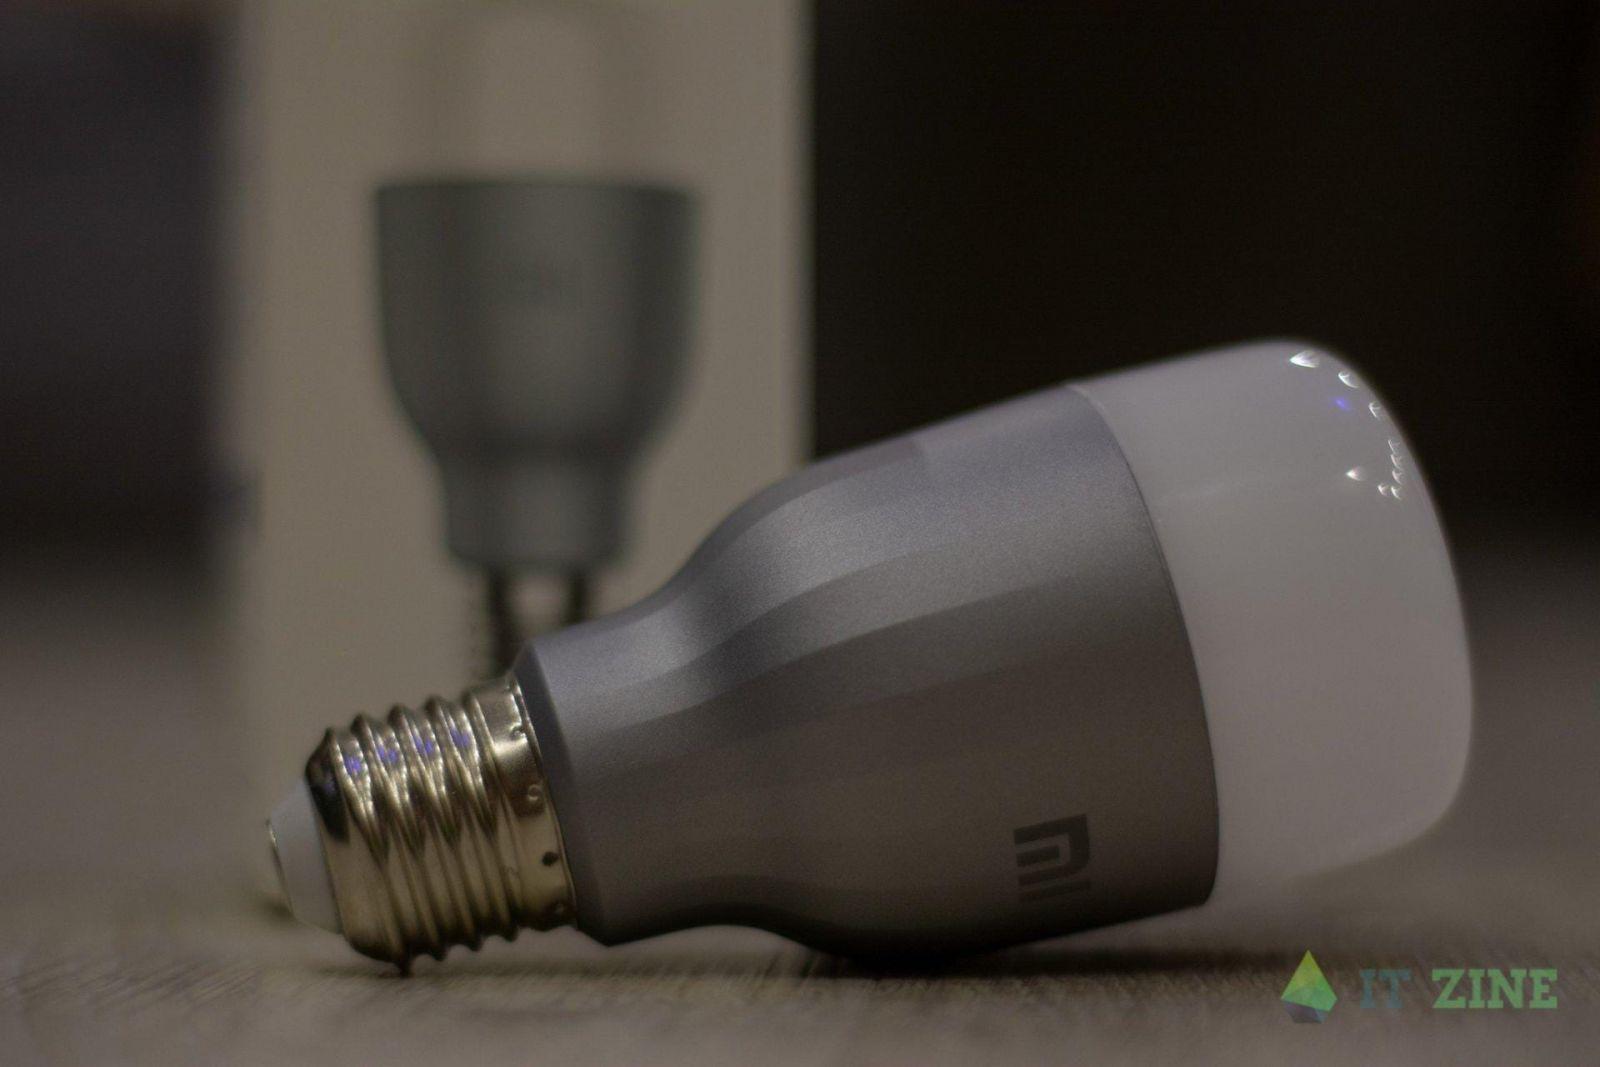 Обзор умных лампочек Xiaomi Mi LED Smart Bulb + Google Home: да будет свет (dsc 7119)